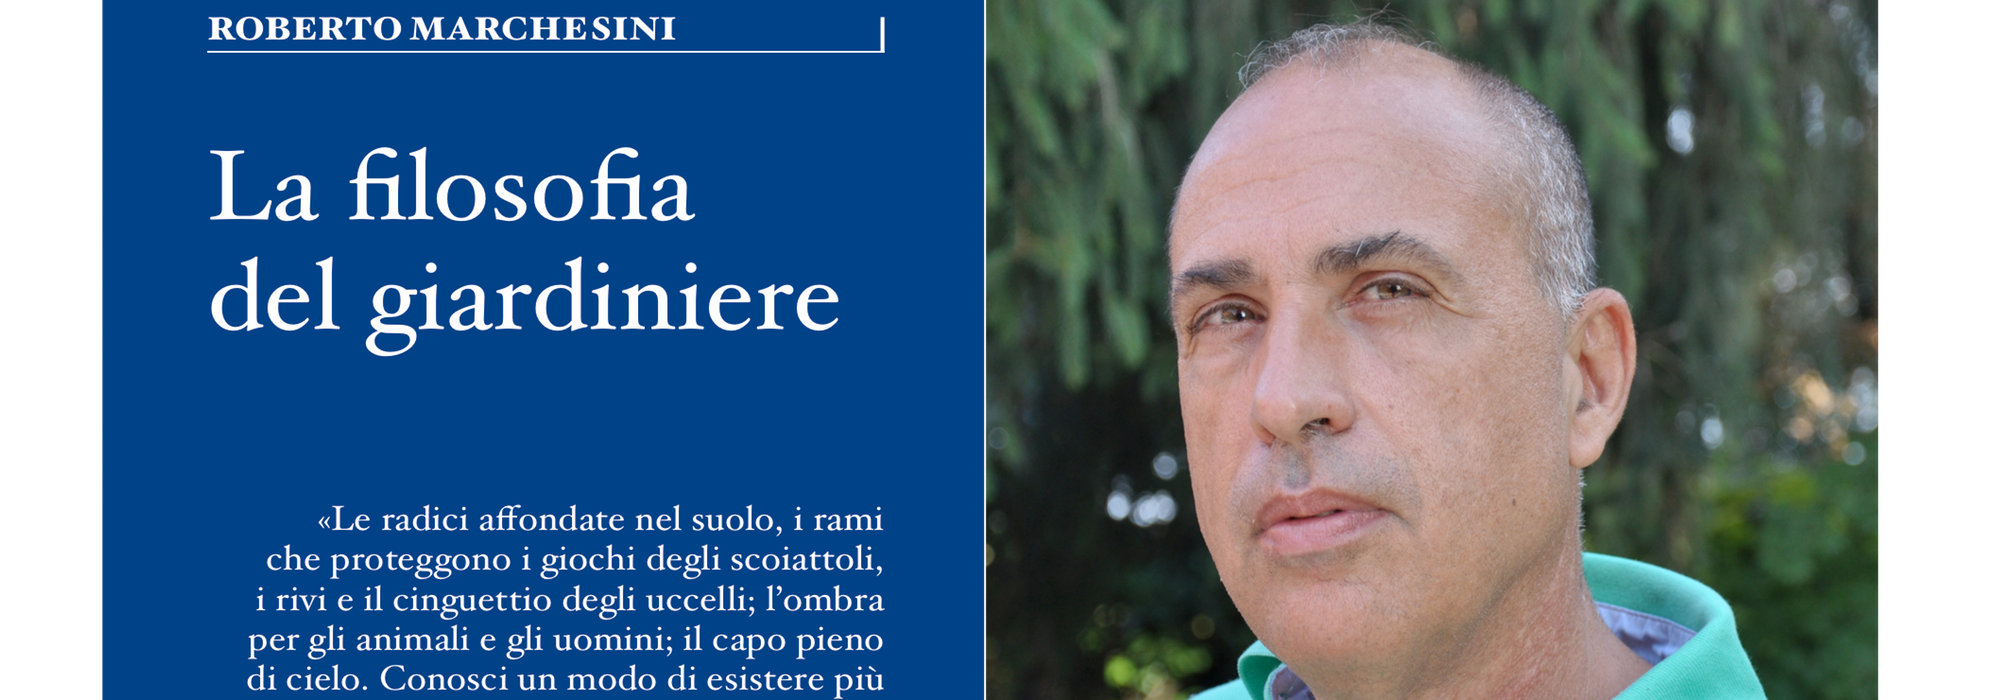 """ROBERTO MARCHESINI presenta """"La filosofia del giardiniere"""""""